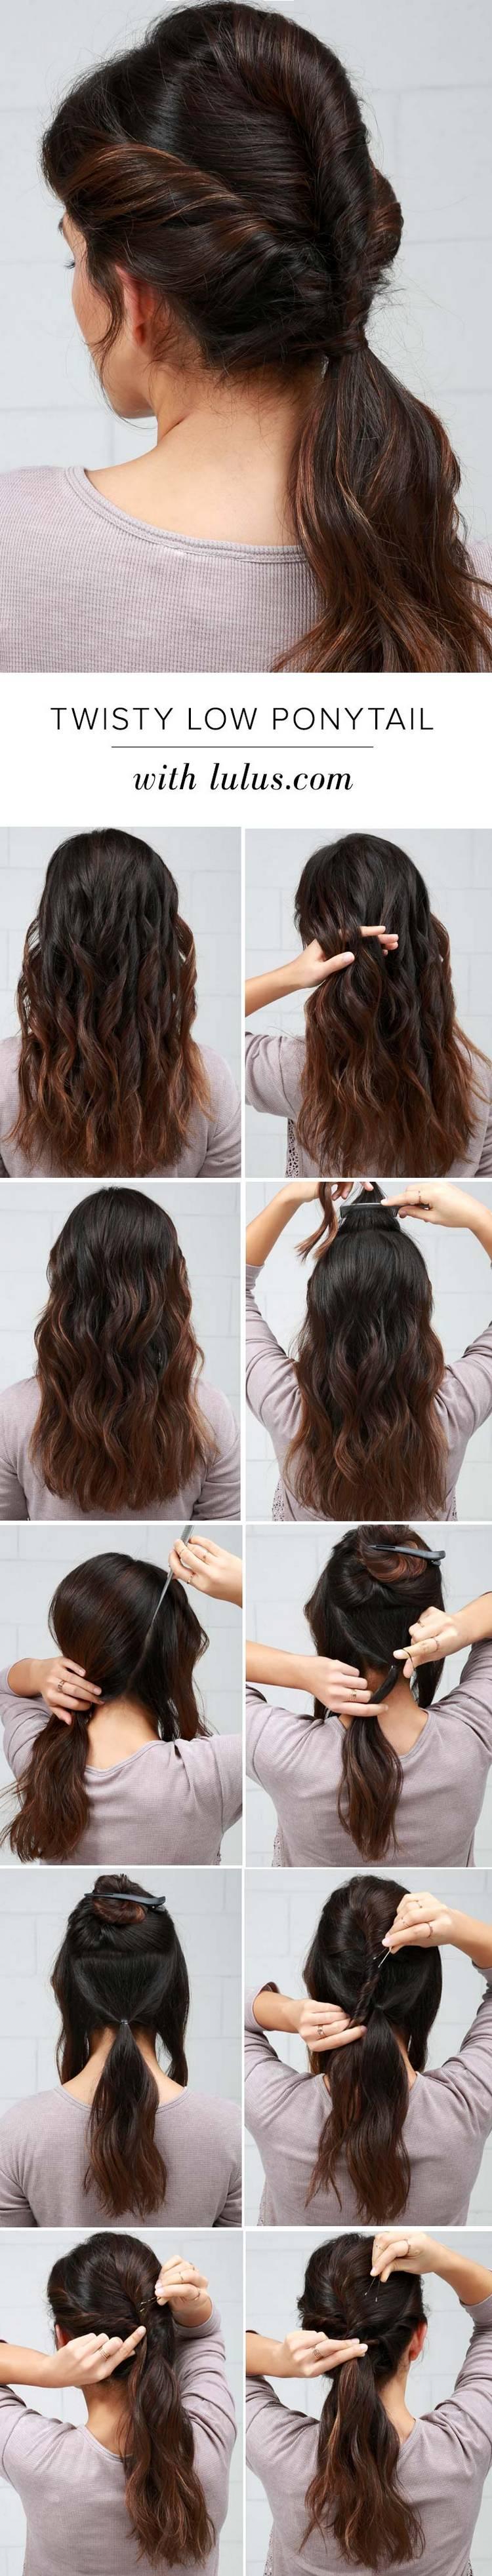 Прически на кудрявые волосы своими руками фото фото 630